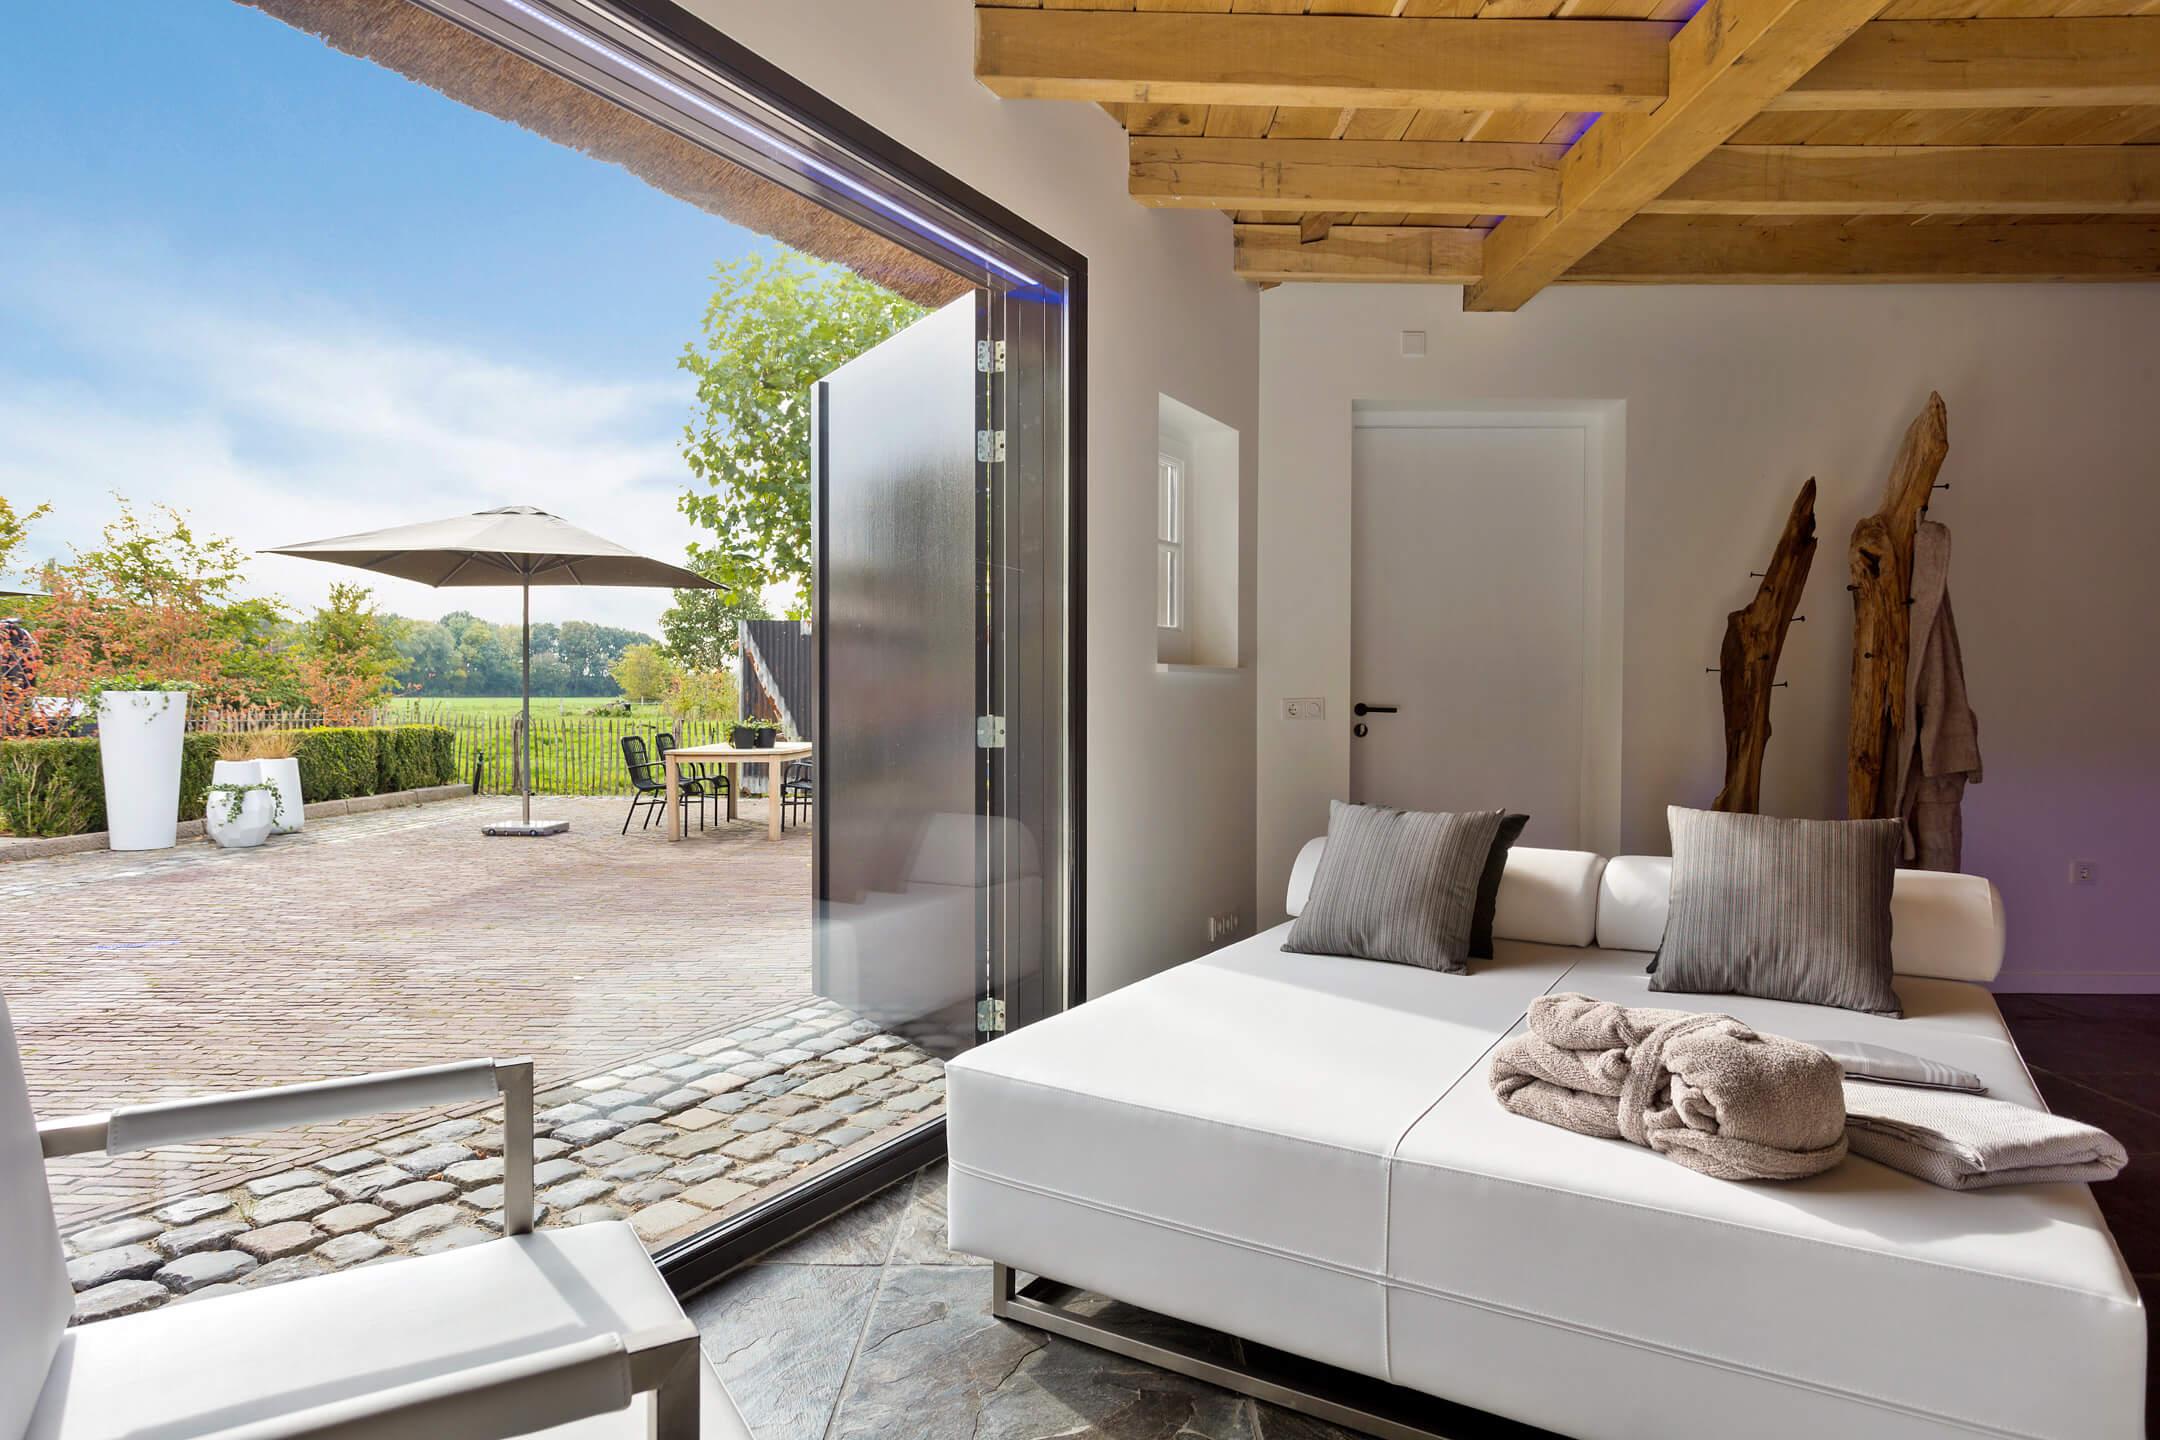 Zoek privé sauna met Jacuzzi, zwembad of overnachting